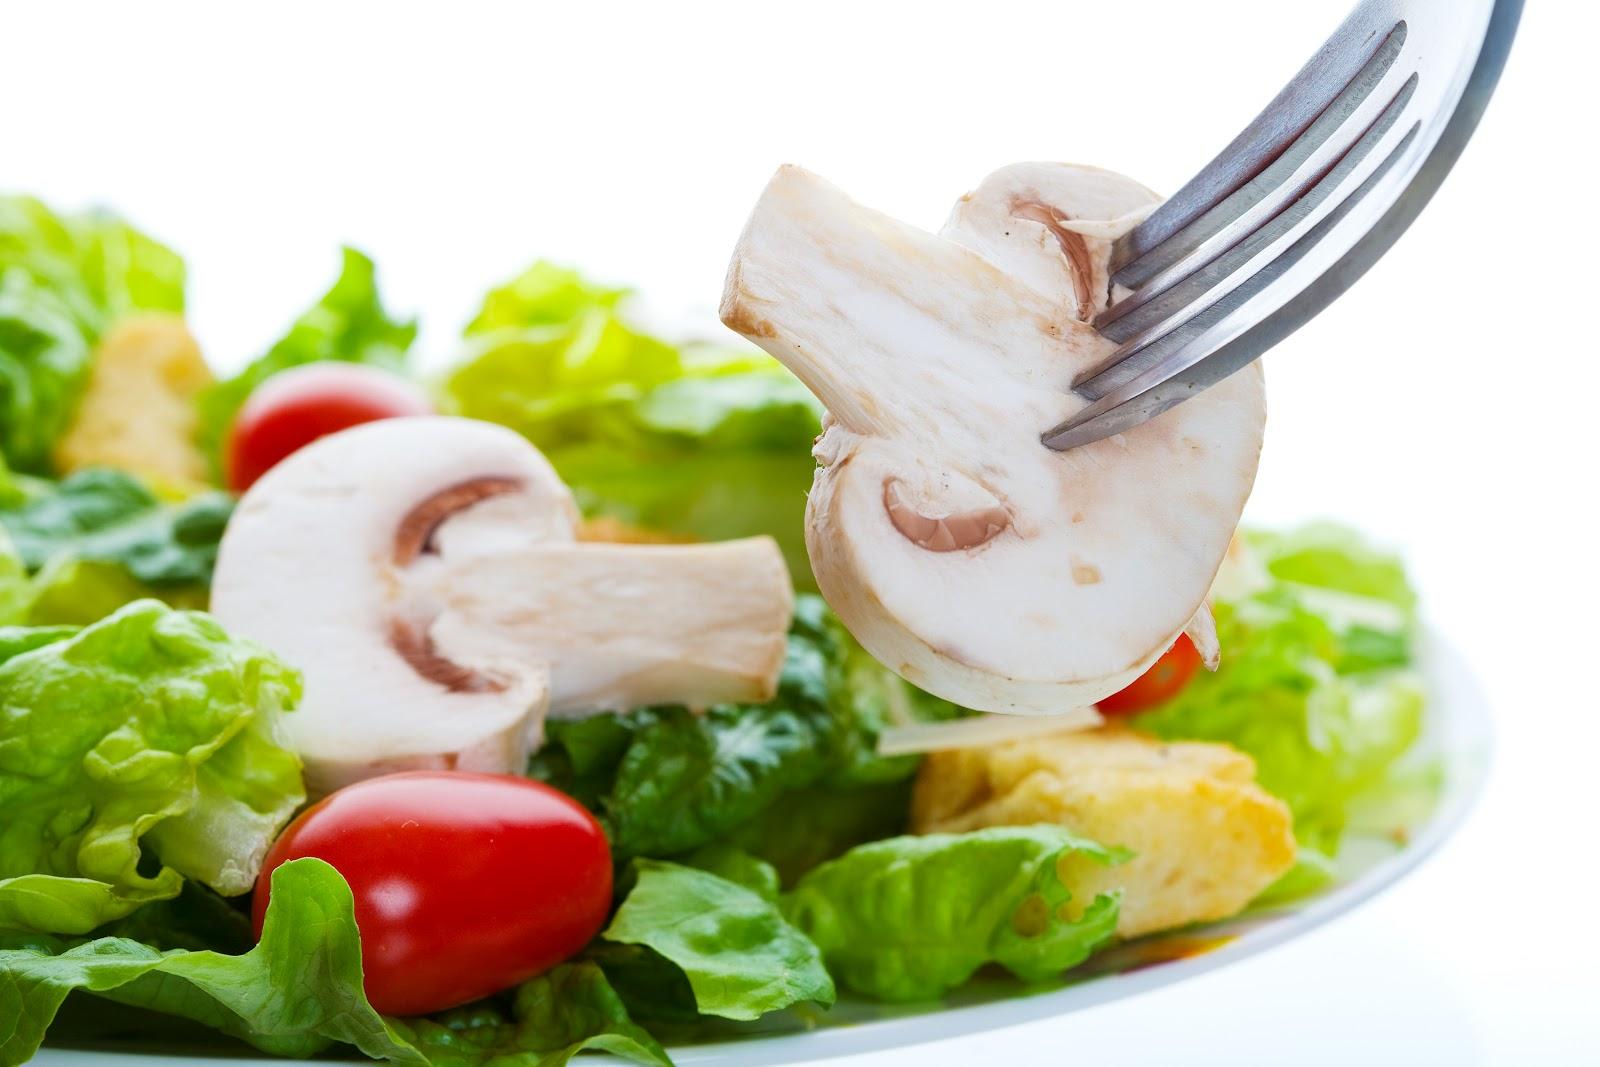 dieta-zwracaj-uwage-co-jesz